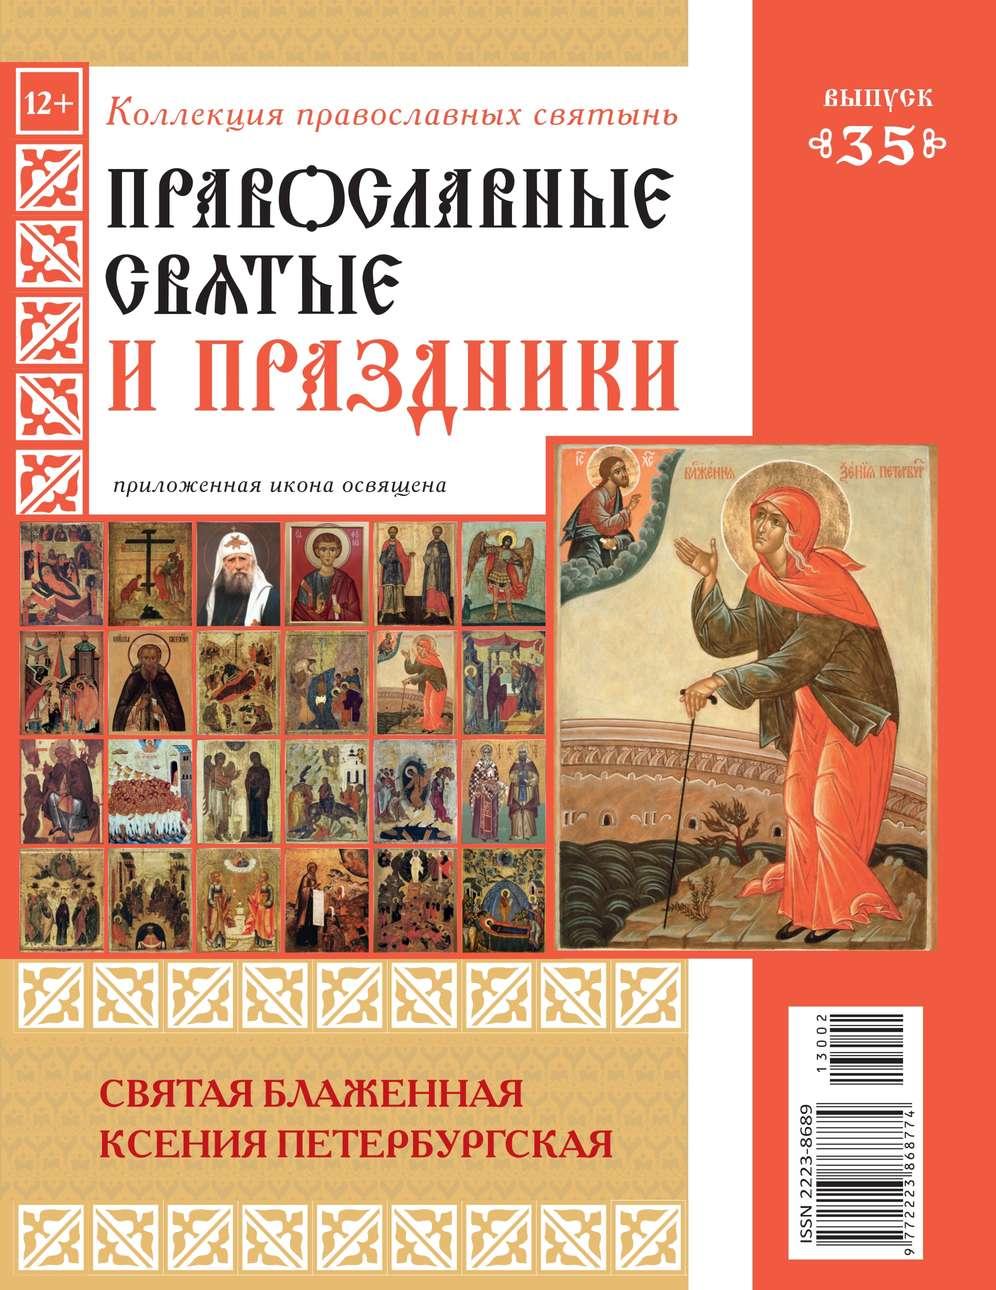 Редакция журнала Коллекция Православных Святынь Коллекция Православных Святынь 35 коллекция